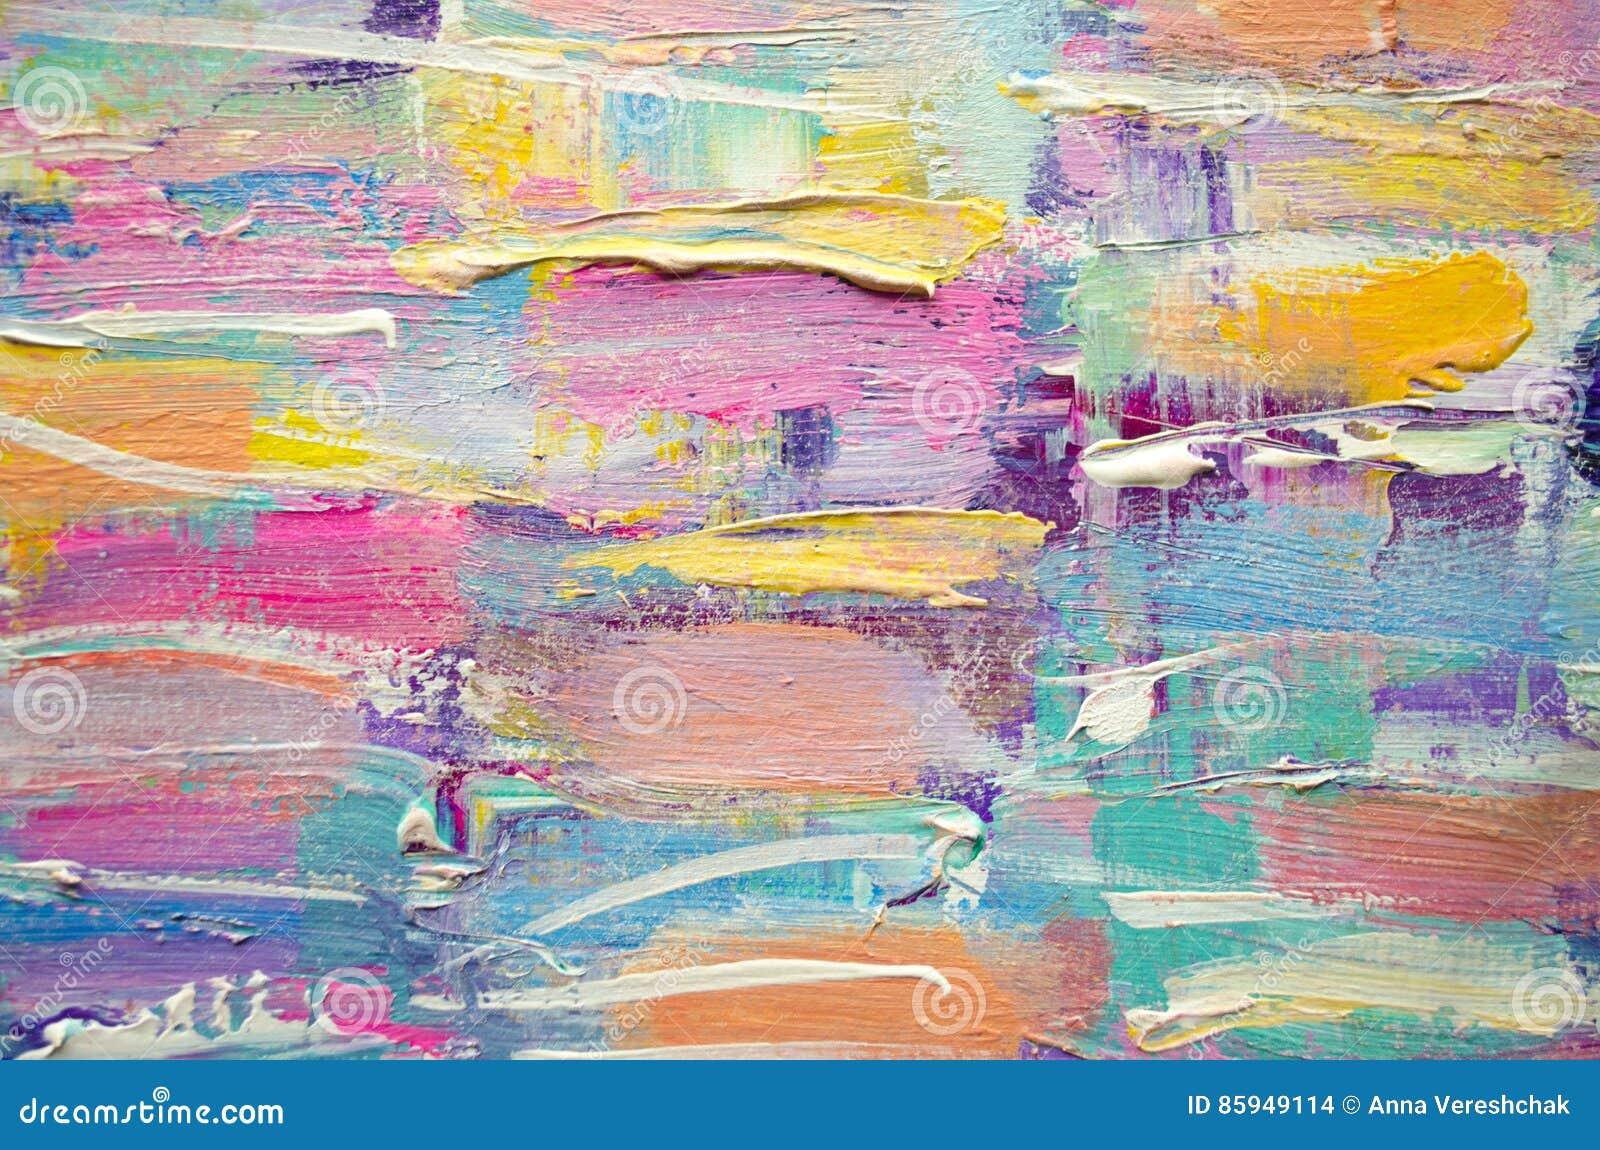 手拉的丙烯酸酯的绘画 抽象派背景 在帆布的丙烯酸酯的绘画 颜色纹理 艺术品的片段 绘画的技巧